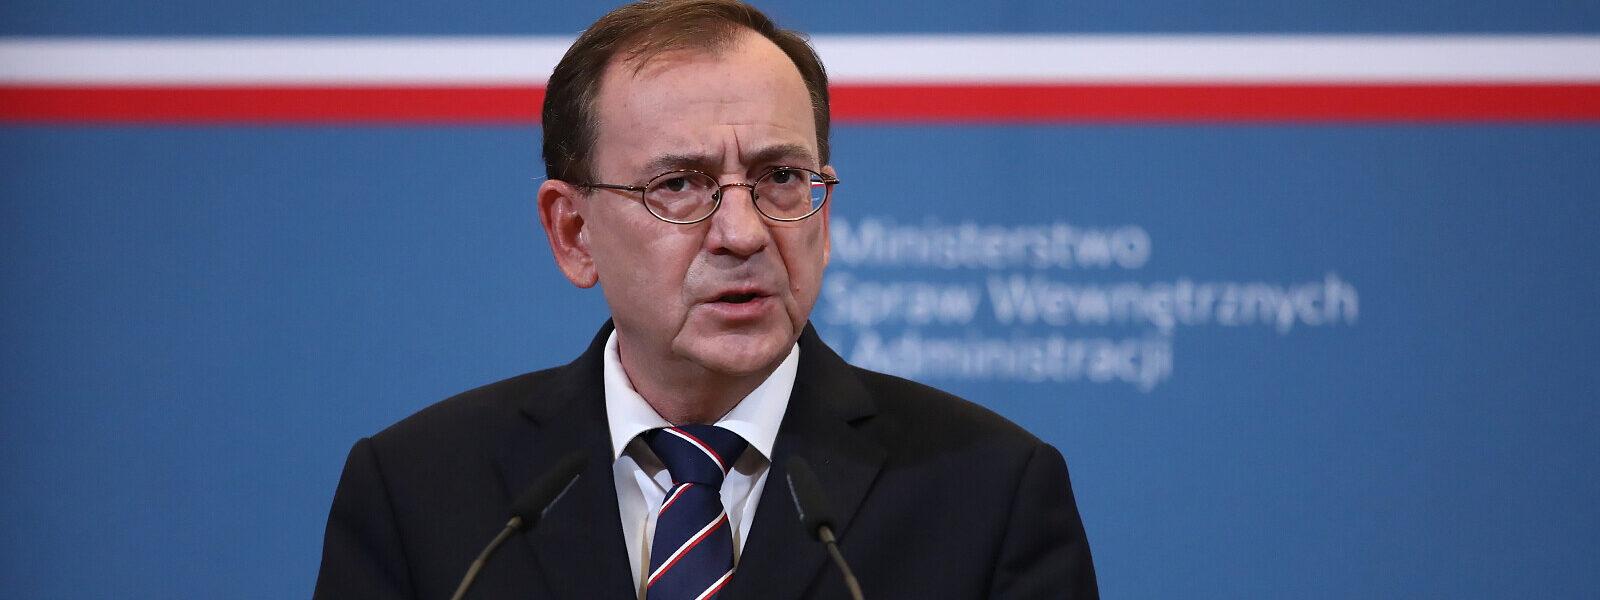 szef-mswia:-nasze-dzialania-skutecznie-ustabilizuja-sytuacje-na-granicy-z-bialorusia